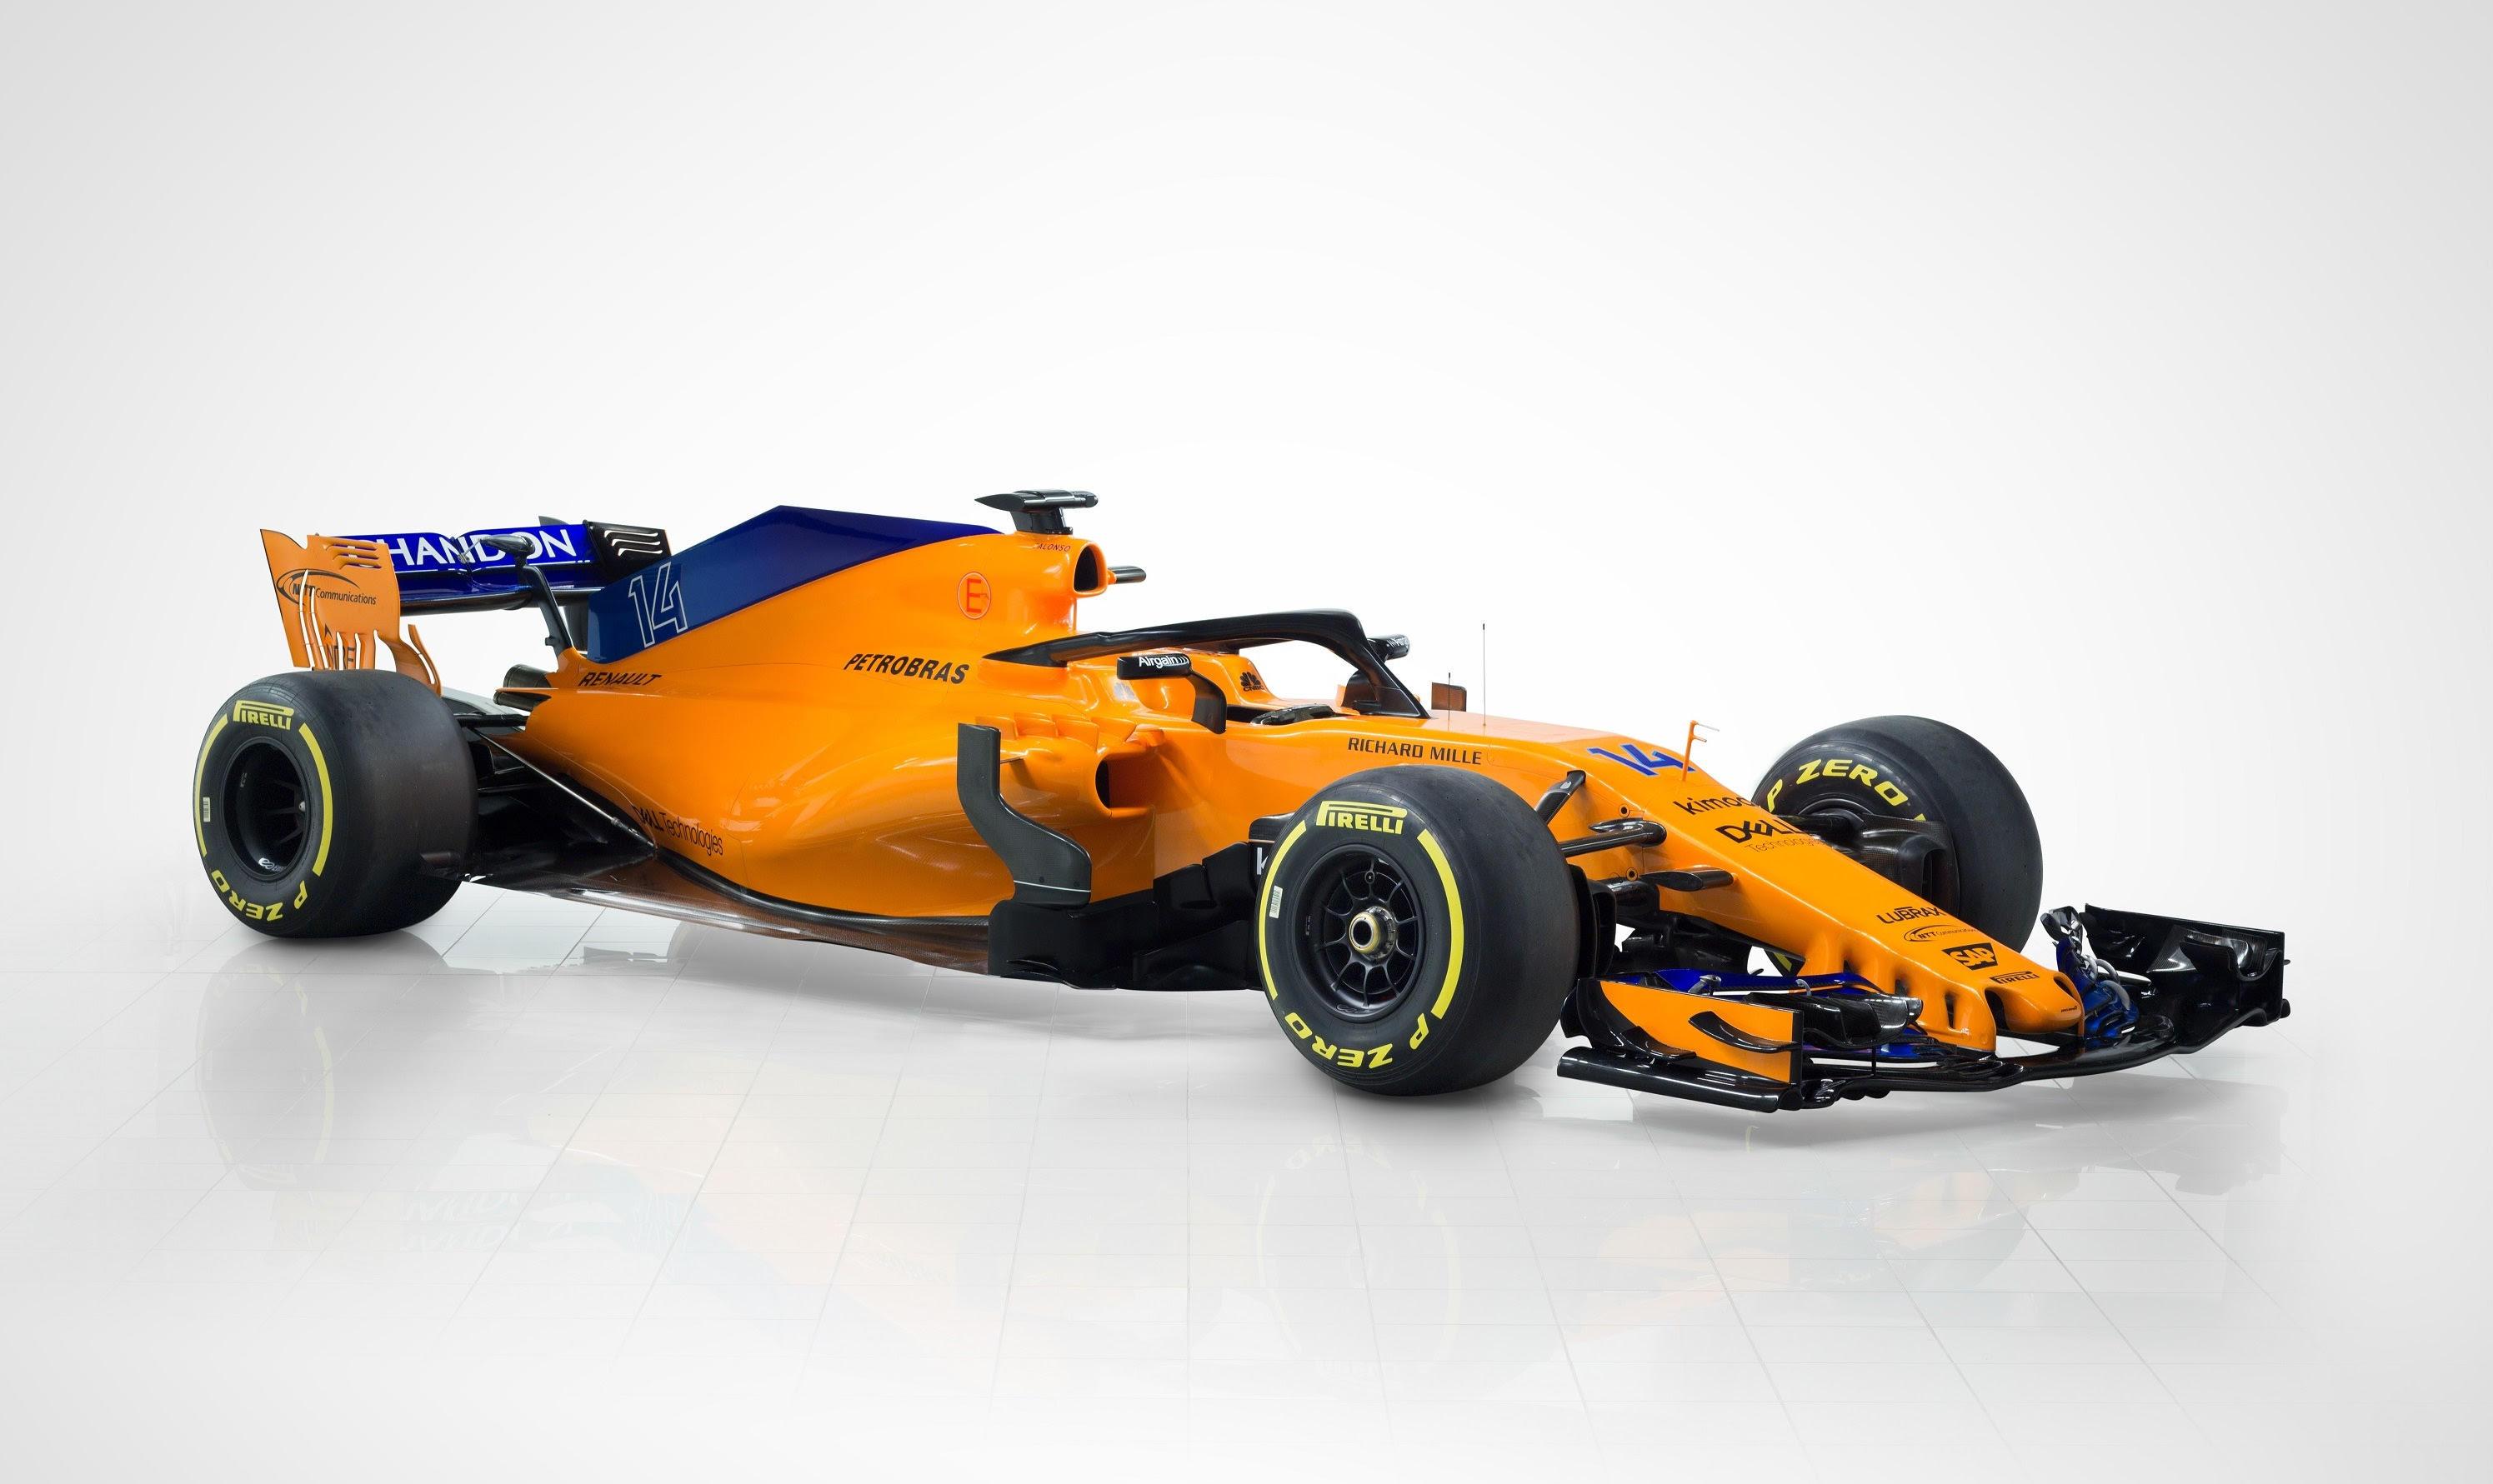 Ecco la nuova McLarens MCL33: è arancio papaia